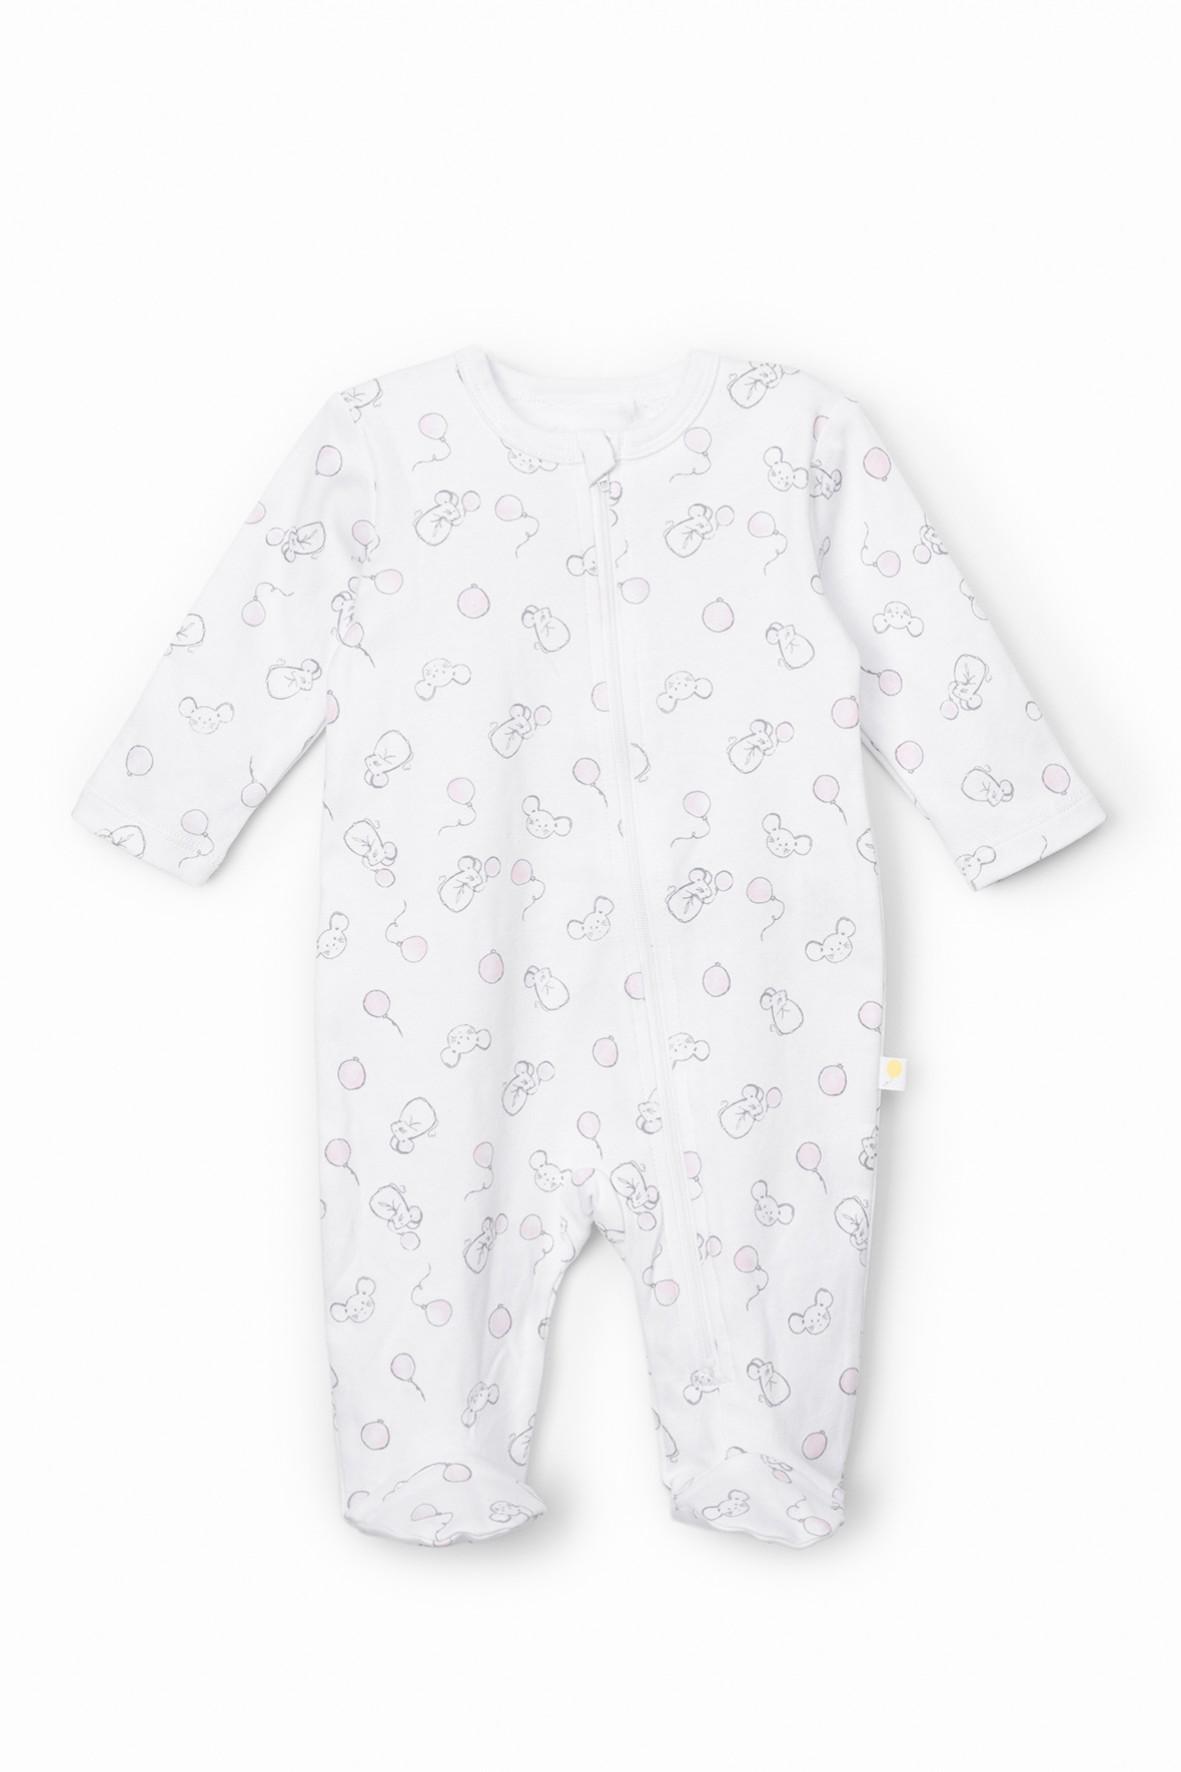 Pajac niemowlęcy w myszki - biały